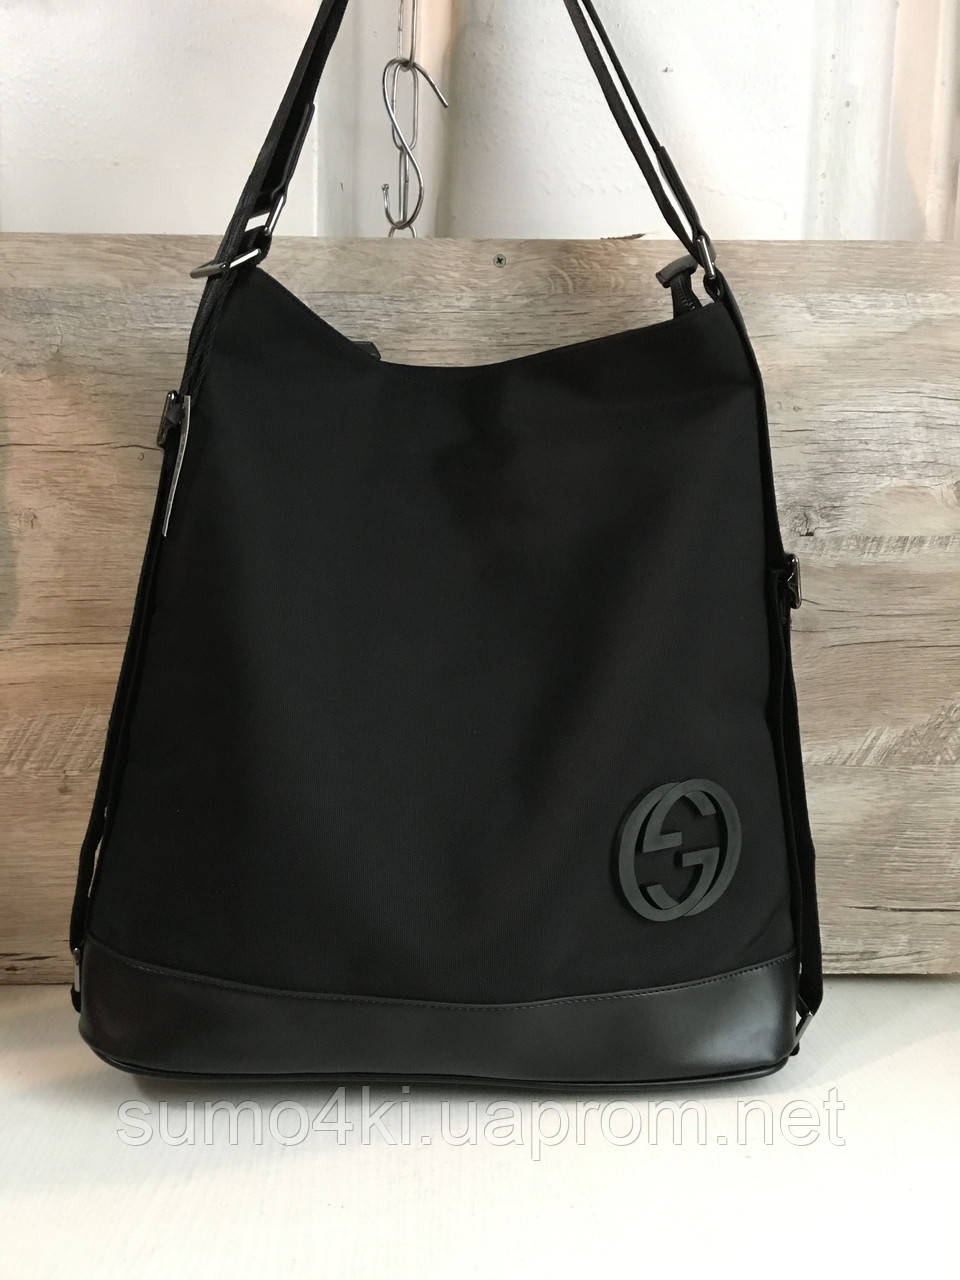 Женская модель сумка-рюкзак Gucci Гуччи - Интернет-магазин «Галерея Сумок» в df8dcad3f5c